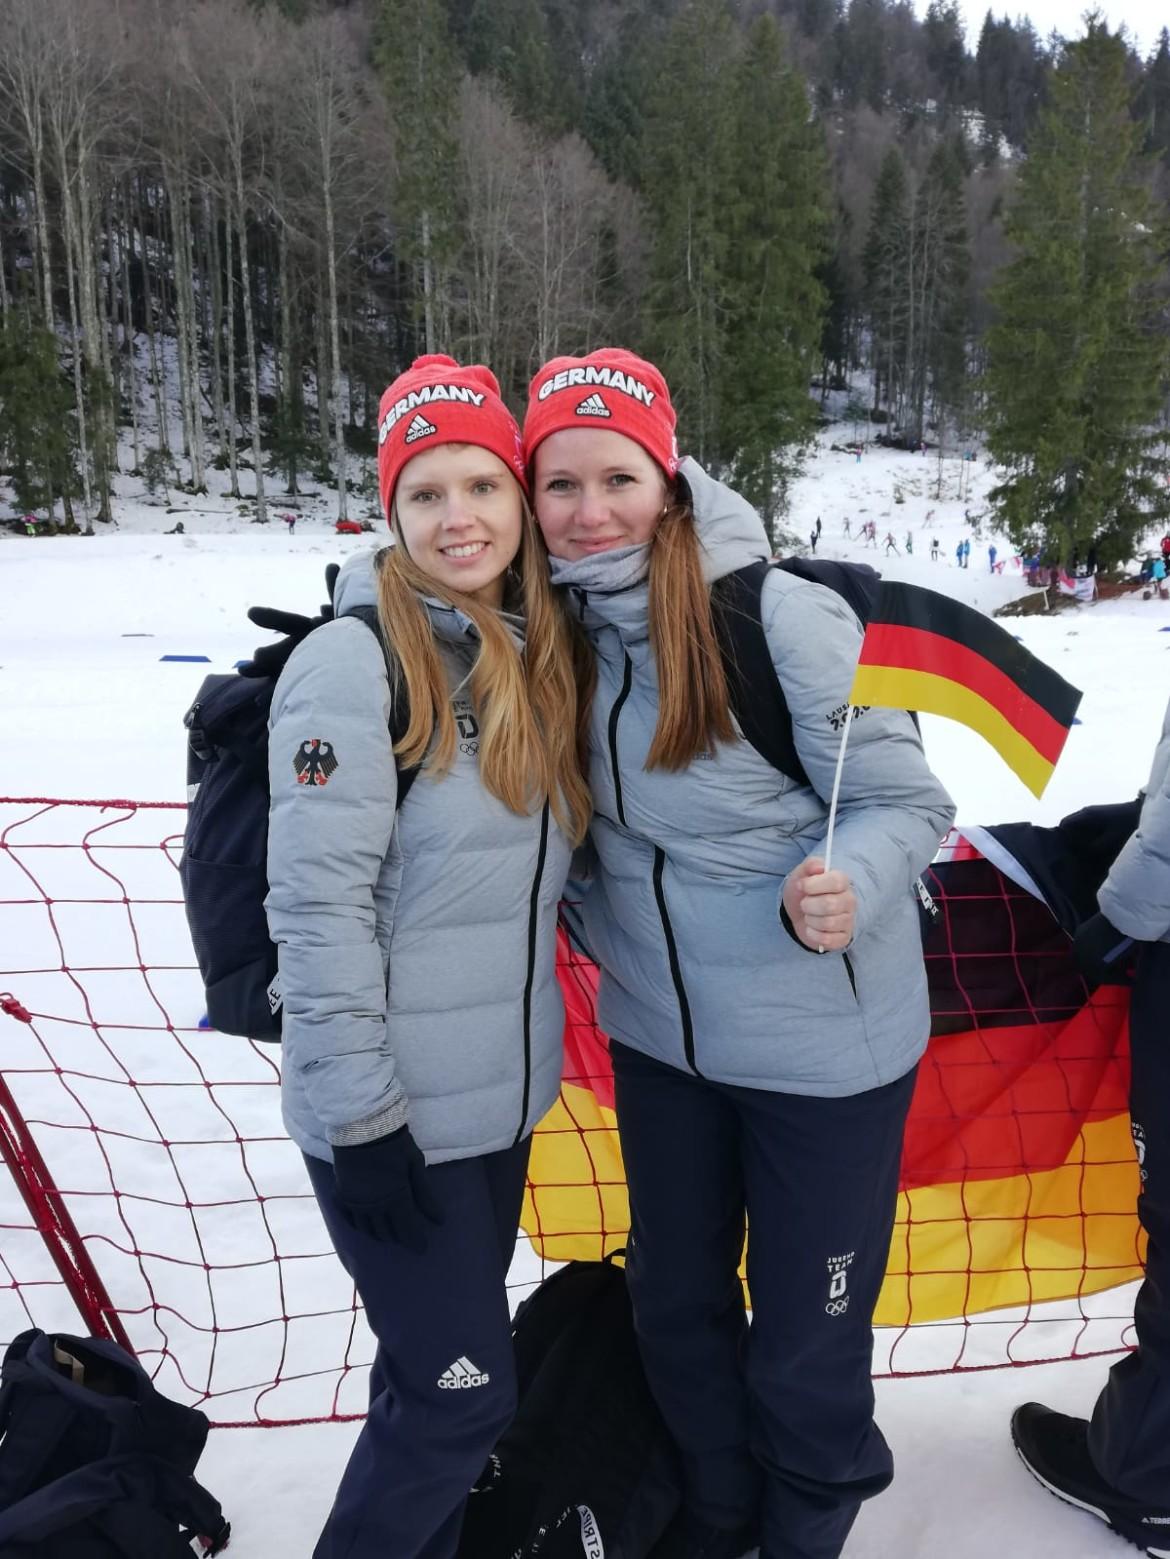 Kerstin und Sabrina beim Anfeuern an der Biathlonstrecke.